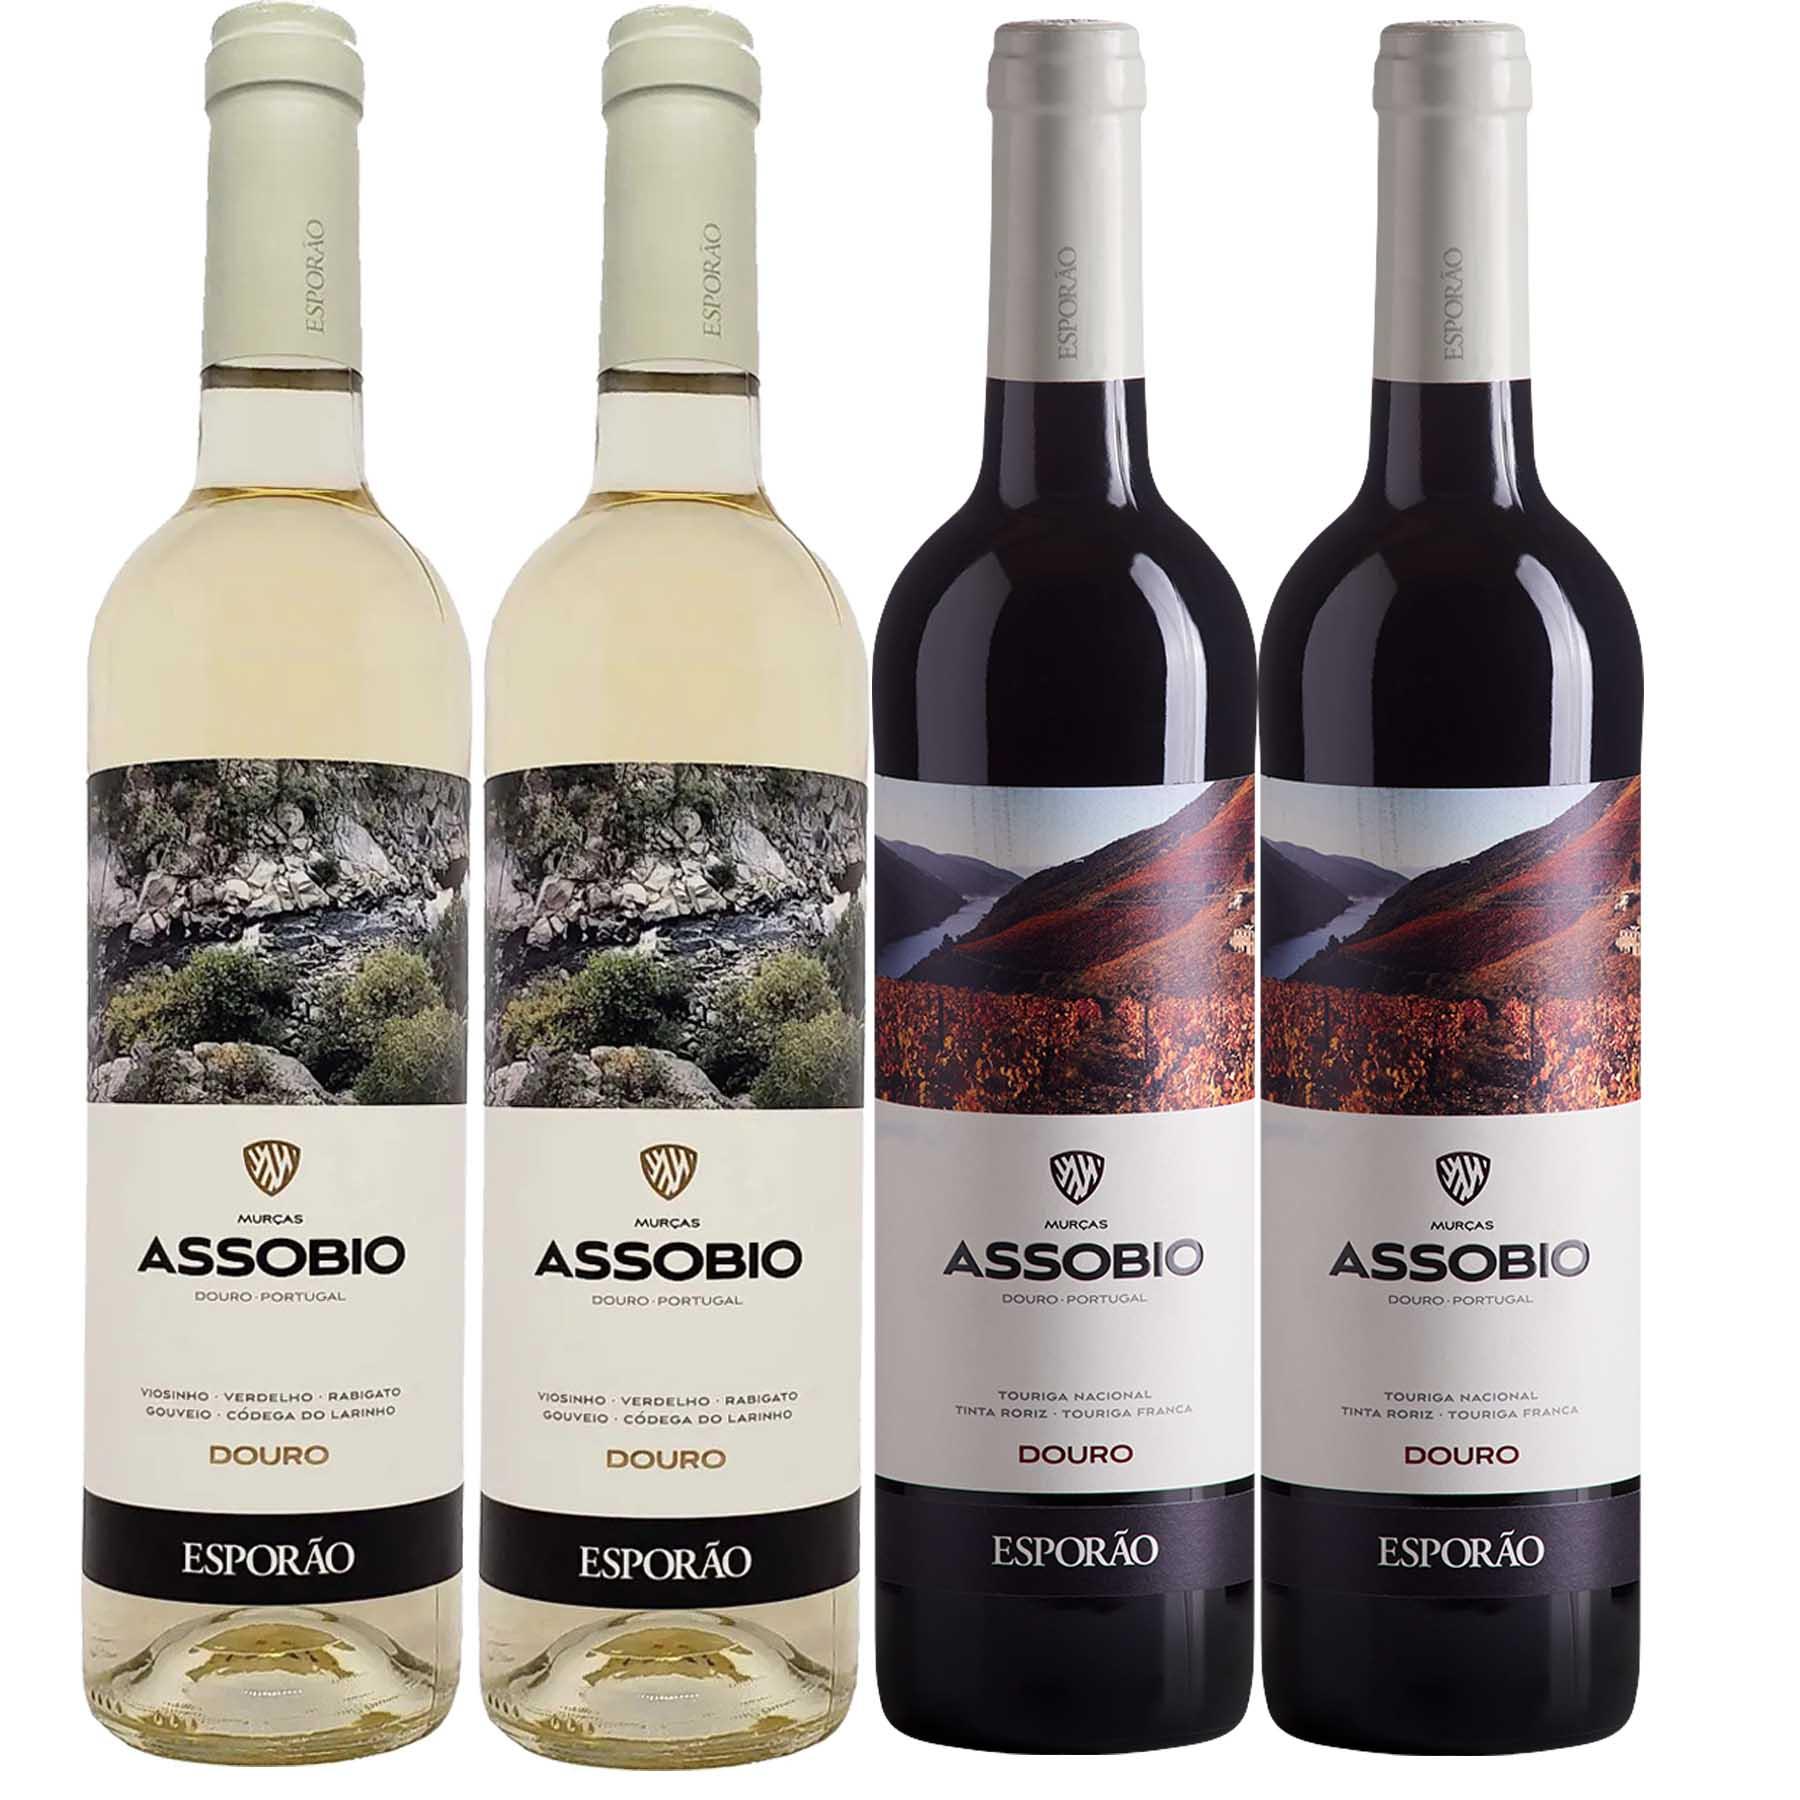 Kit 4 Vinho Branco/Tinto Português Esporão Assobio Douro